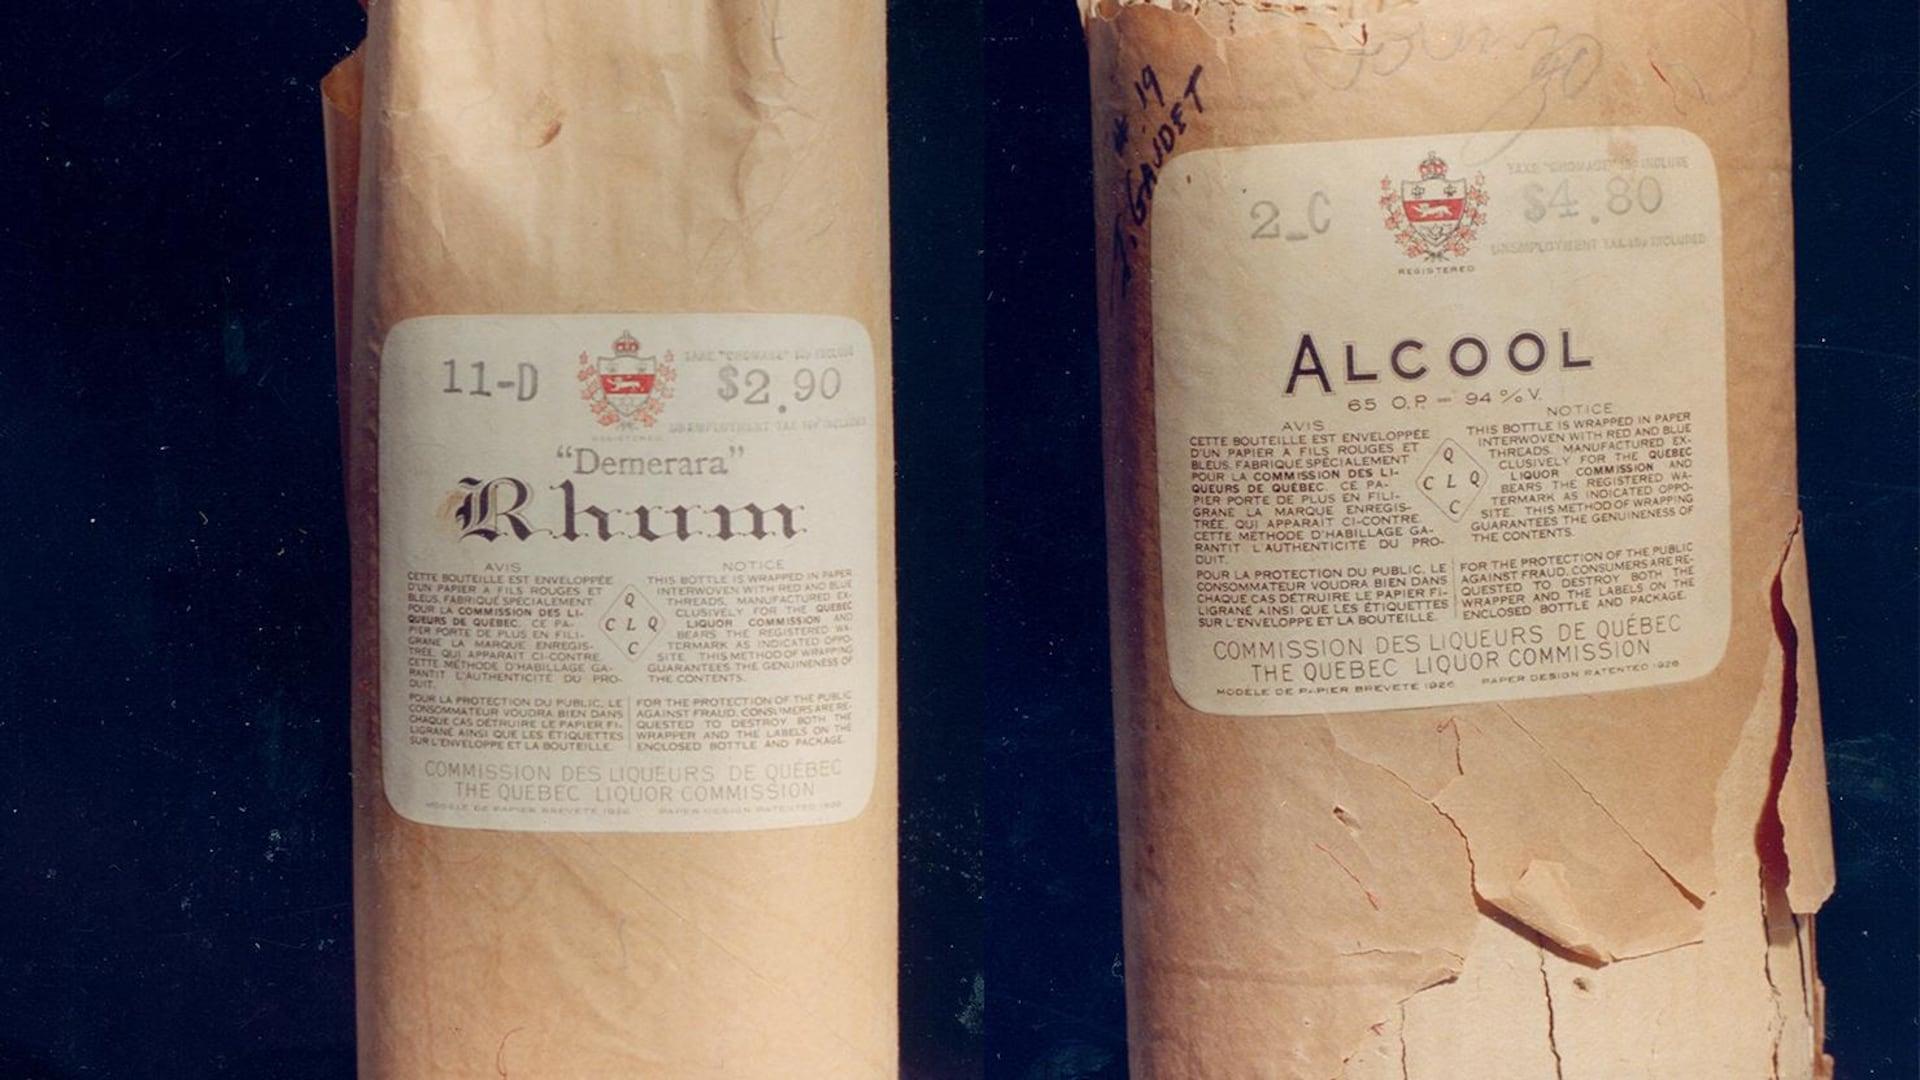 """Une bouteille de rhum et une autre indiquant """"alcool"""" avec leur emballage et les cachets de la Commission des liqueurs de Québec. On peut voir le prix, 2,90 pour le Rhum et 4,80 pour la bouteille d'alcool générique. On peut lire le nom du client sur l'emballage de la bouteille d'alcool: un certain M.Gaudet!"""